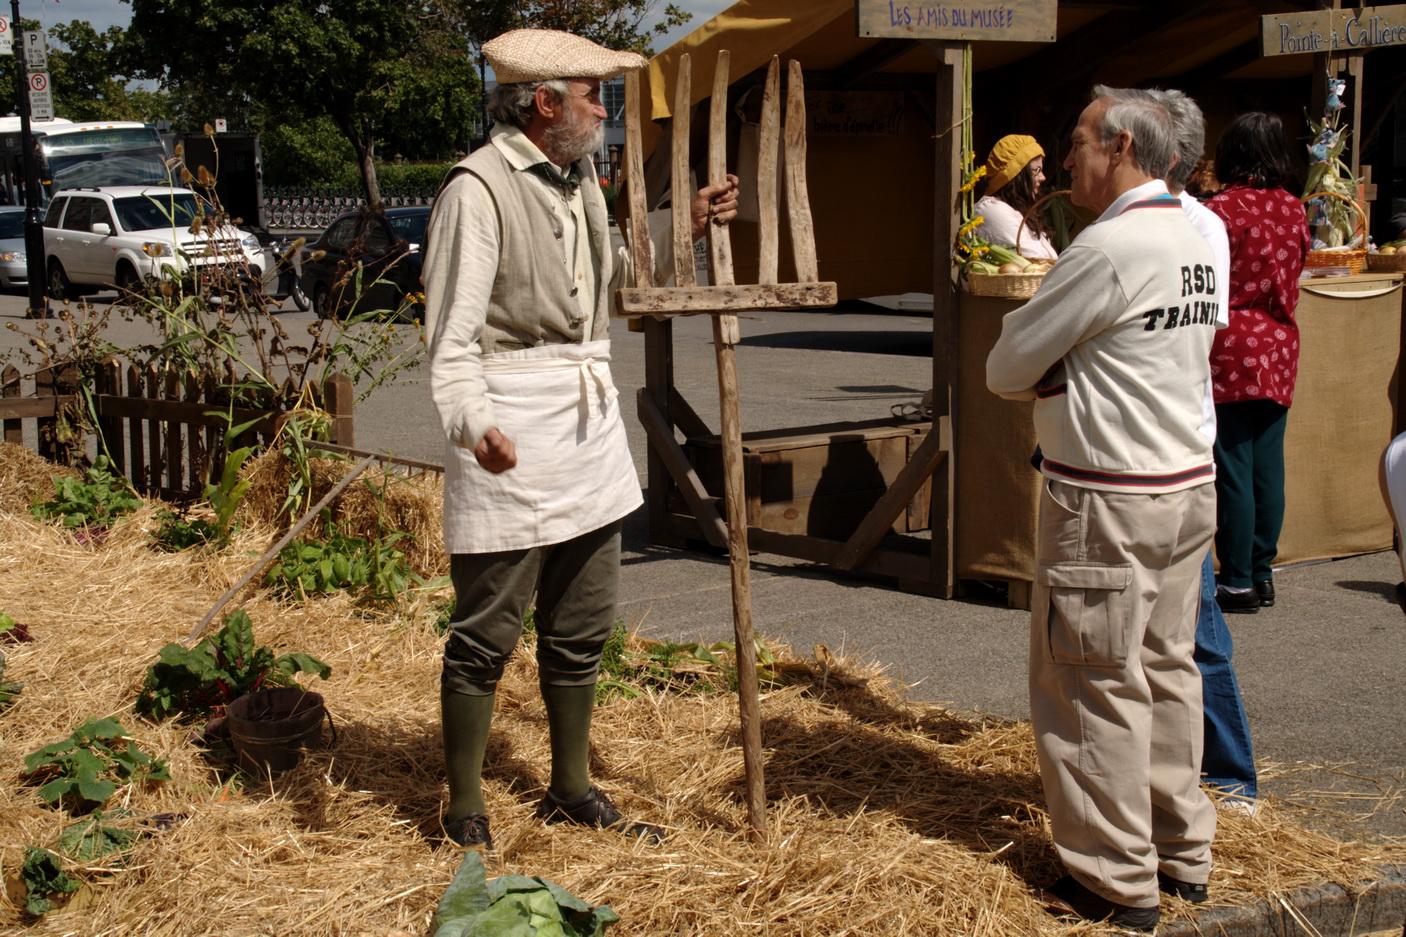 Le paysan rappelle le rôle fondamental qu'il a joué dans l'évolution de la Nouvelle-France